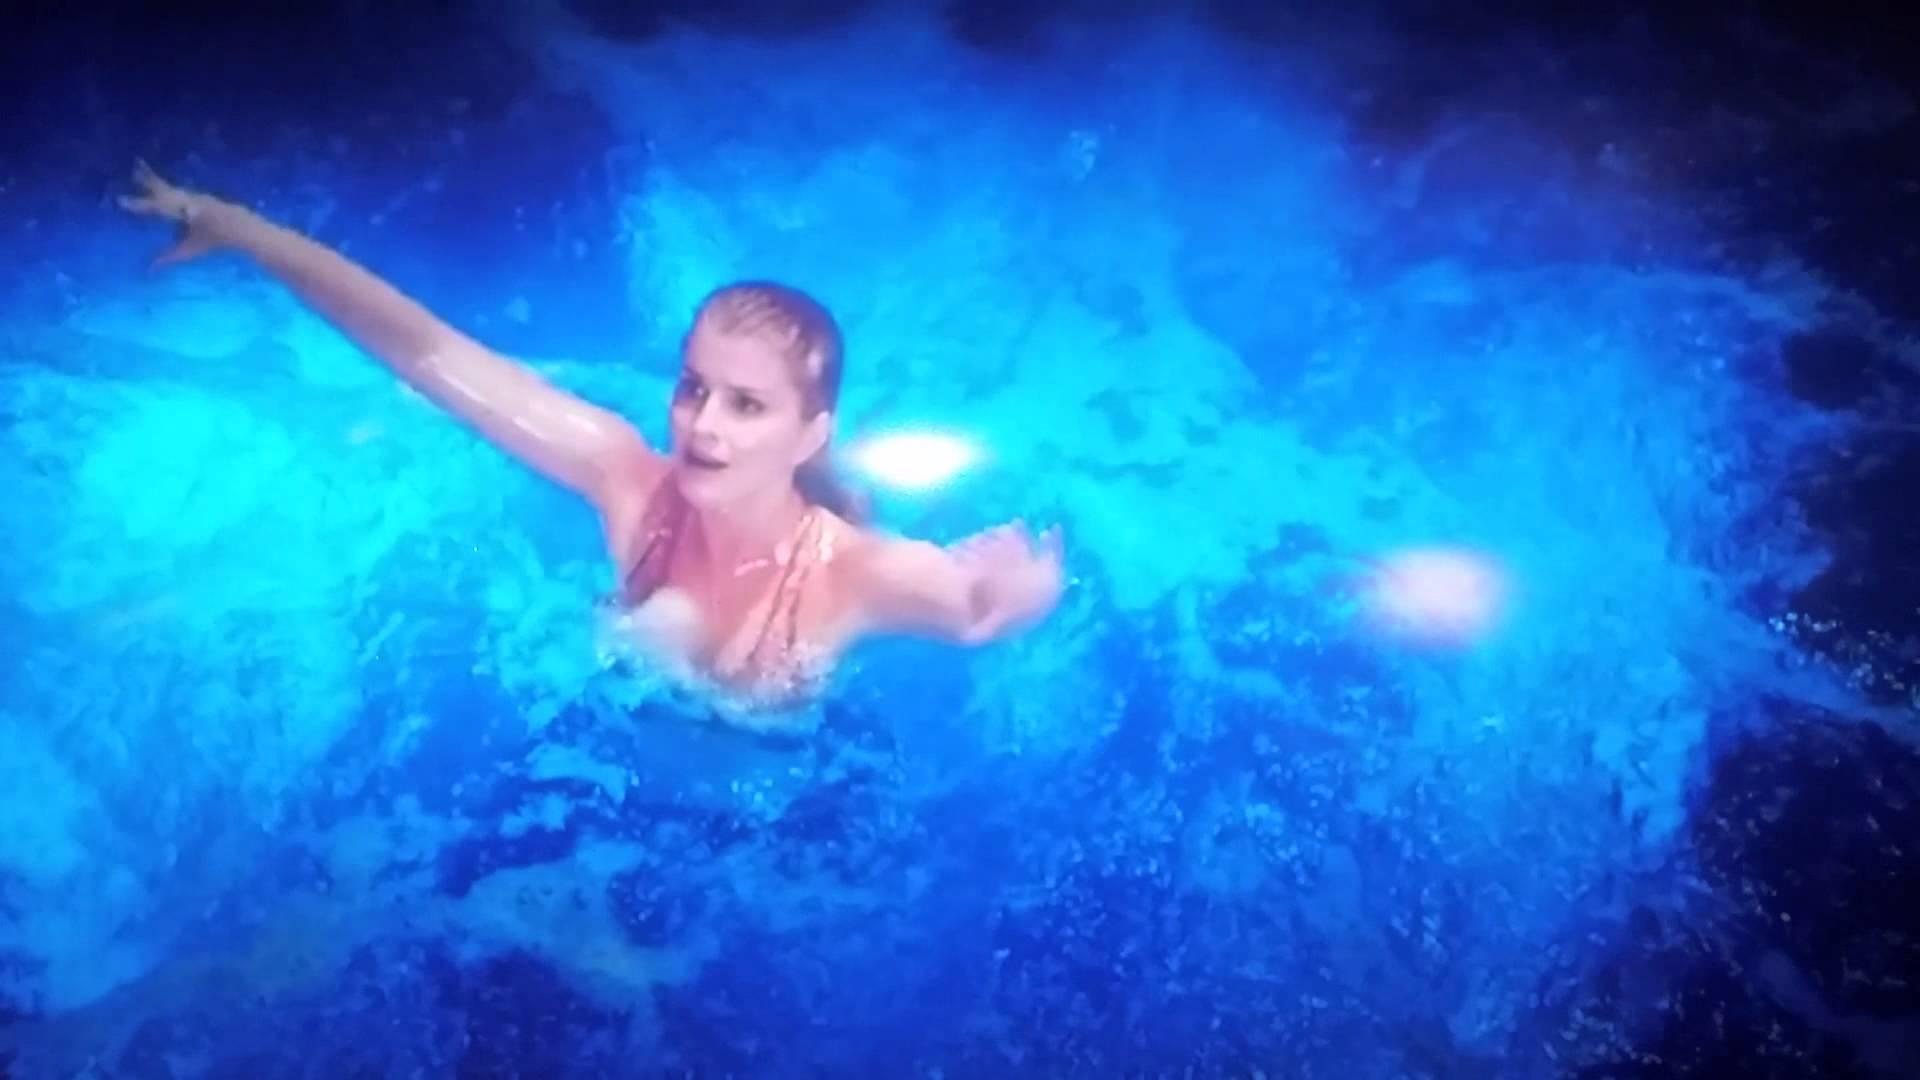 mako mermaids siren song download